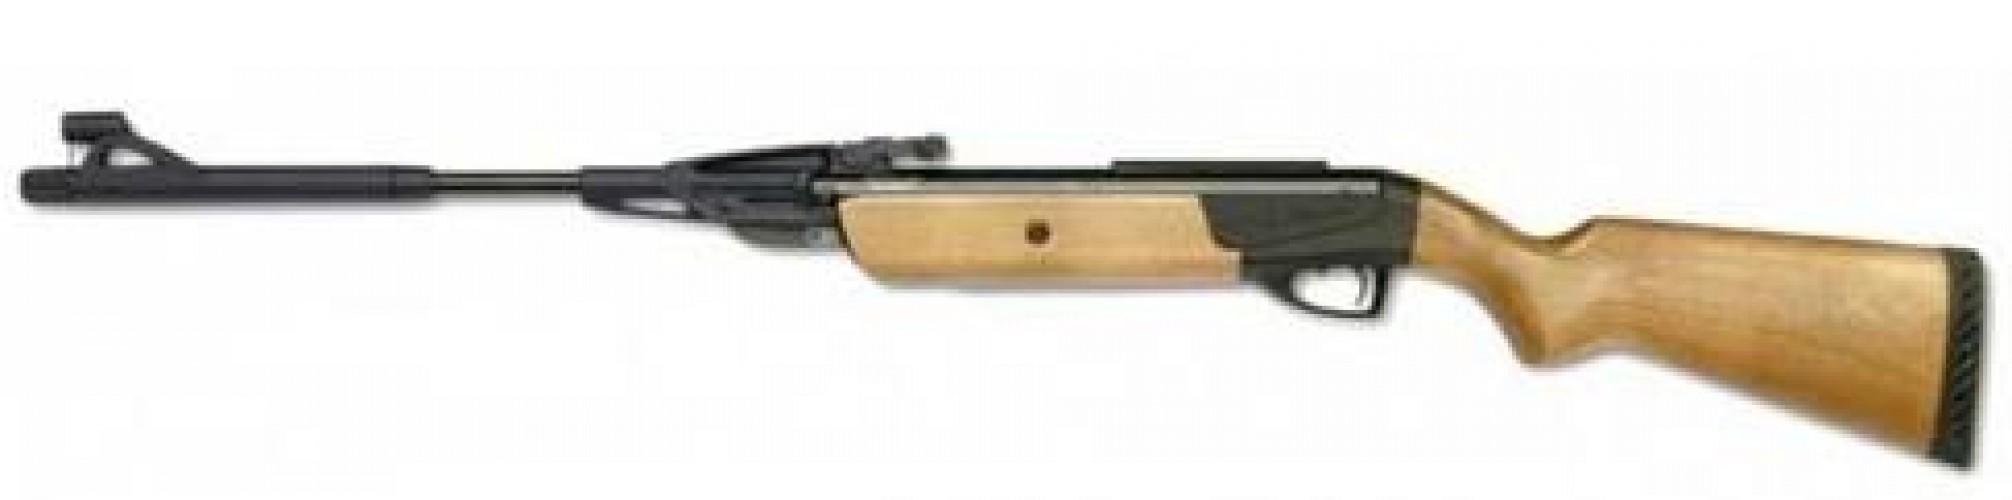 Пневматическая винтовка МР-512-24 4,5 мм